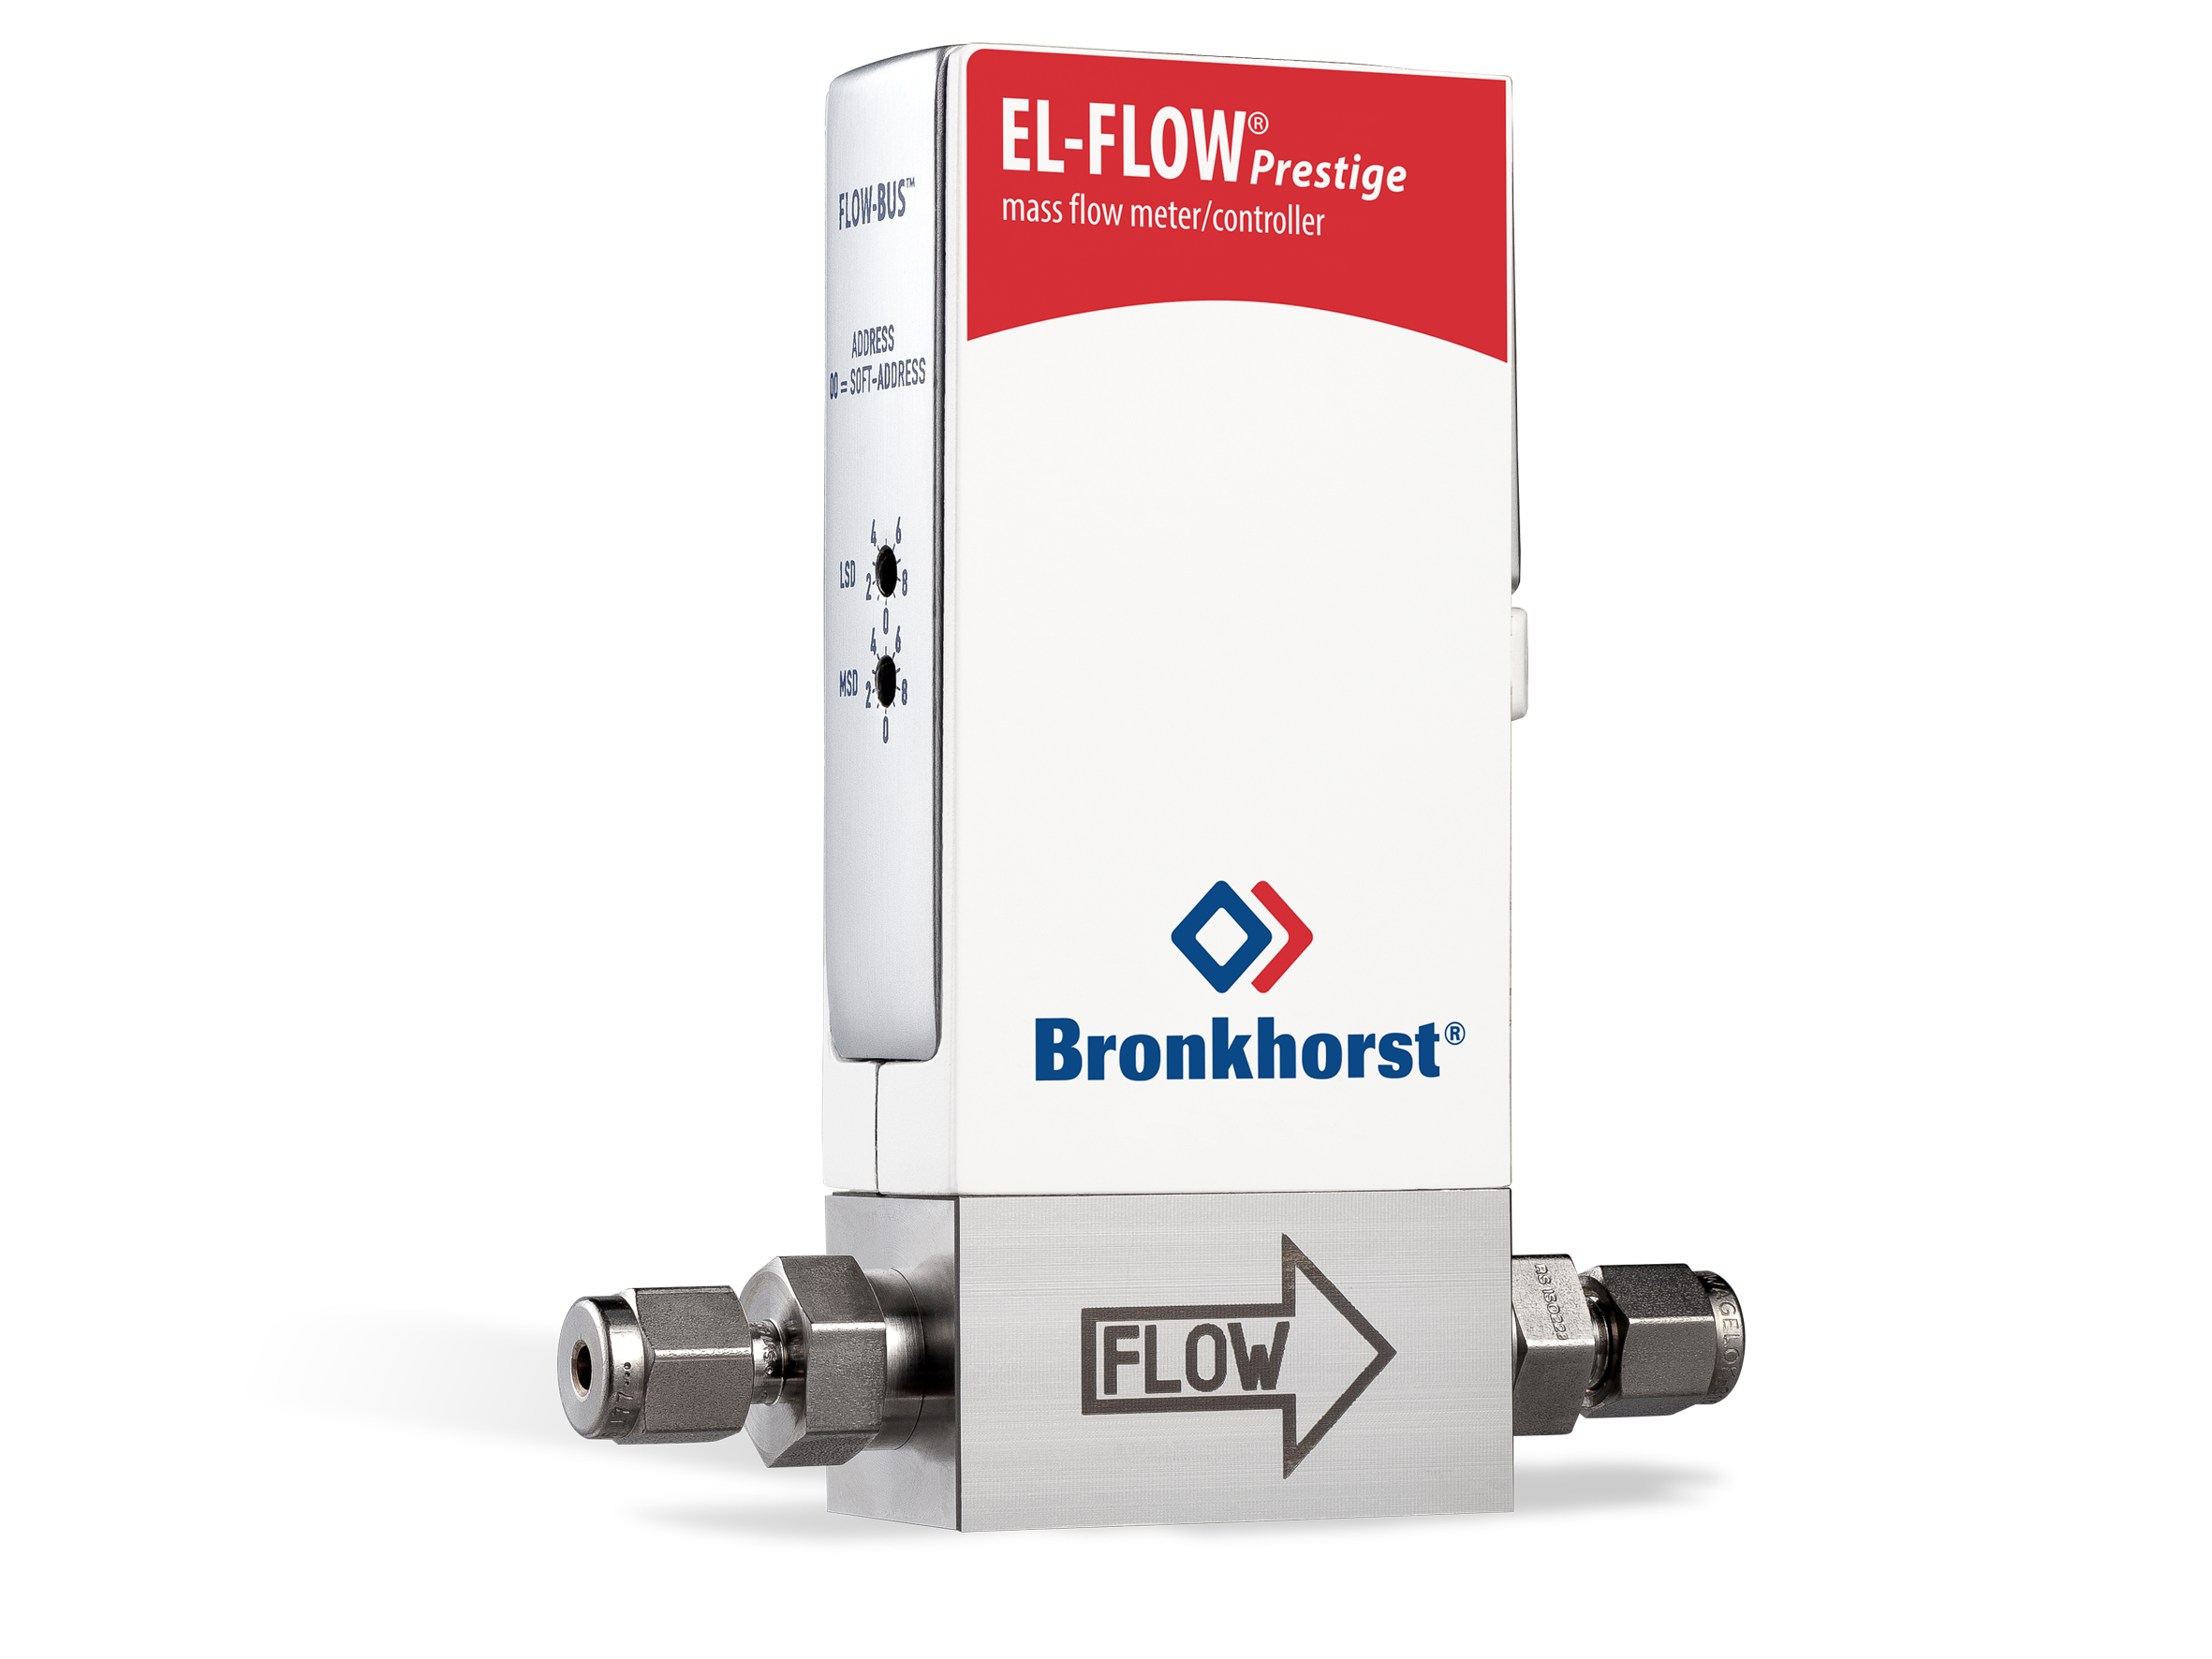 Tremický hmotnostný prietokomer EL-FLOW Prestige